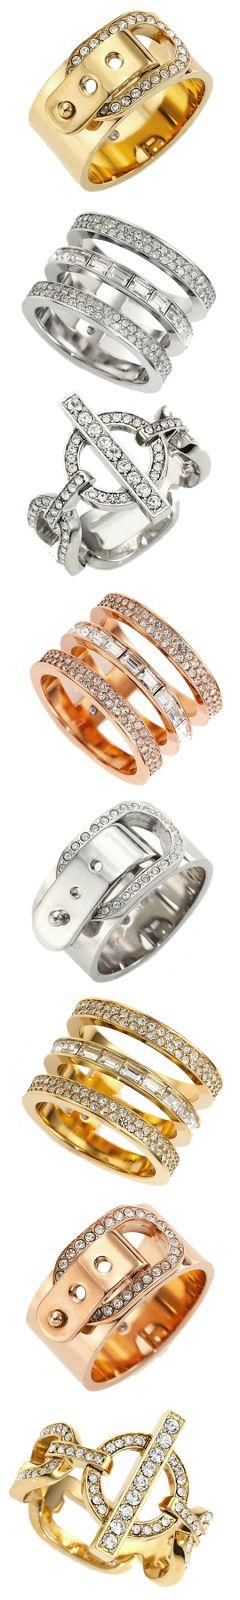 Michael Kors Assorted Rings